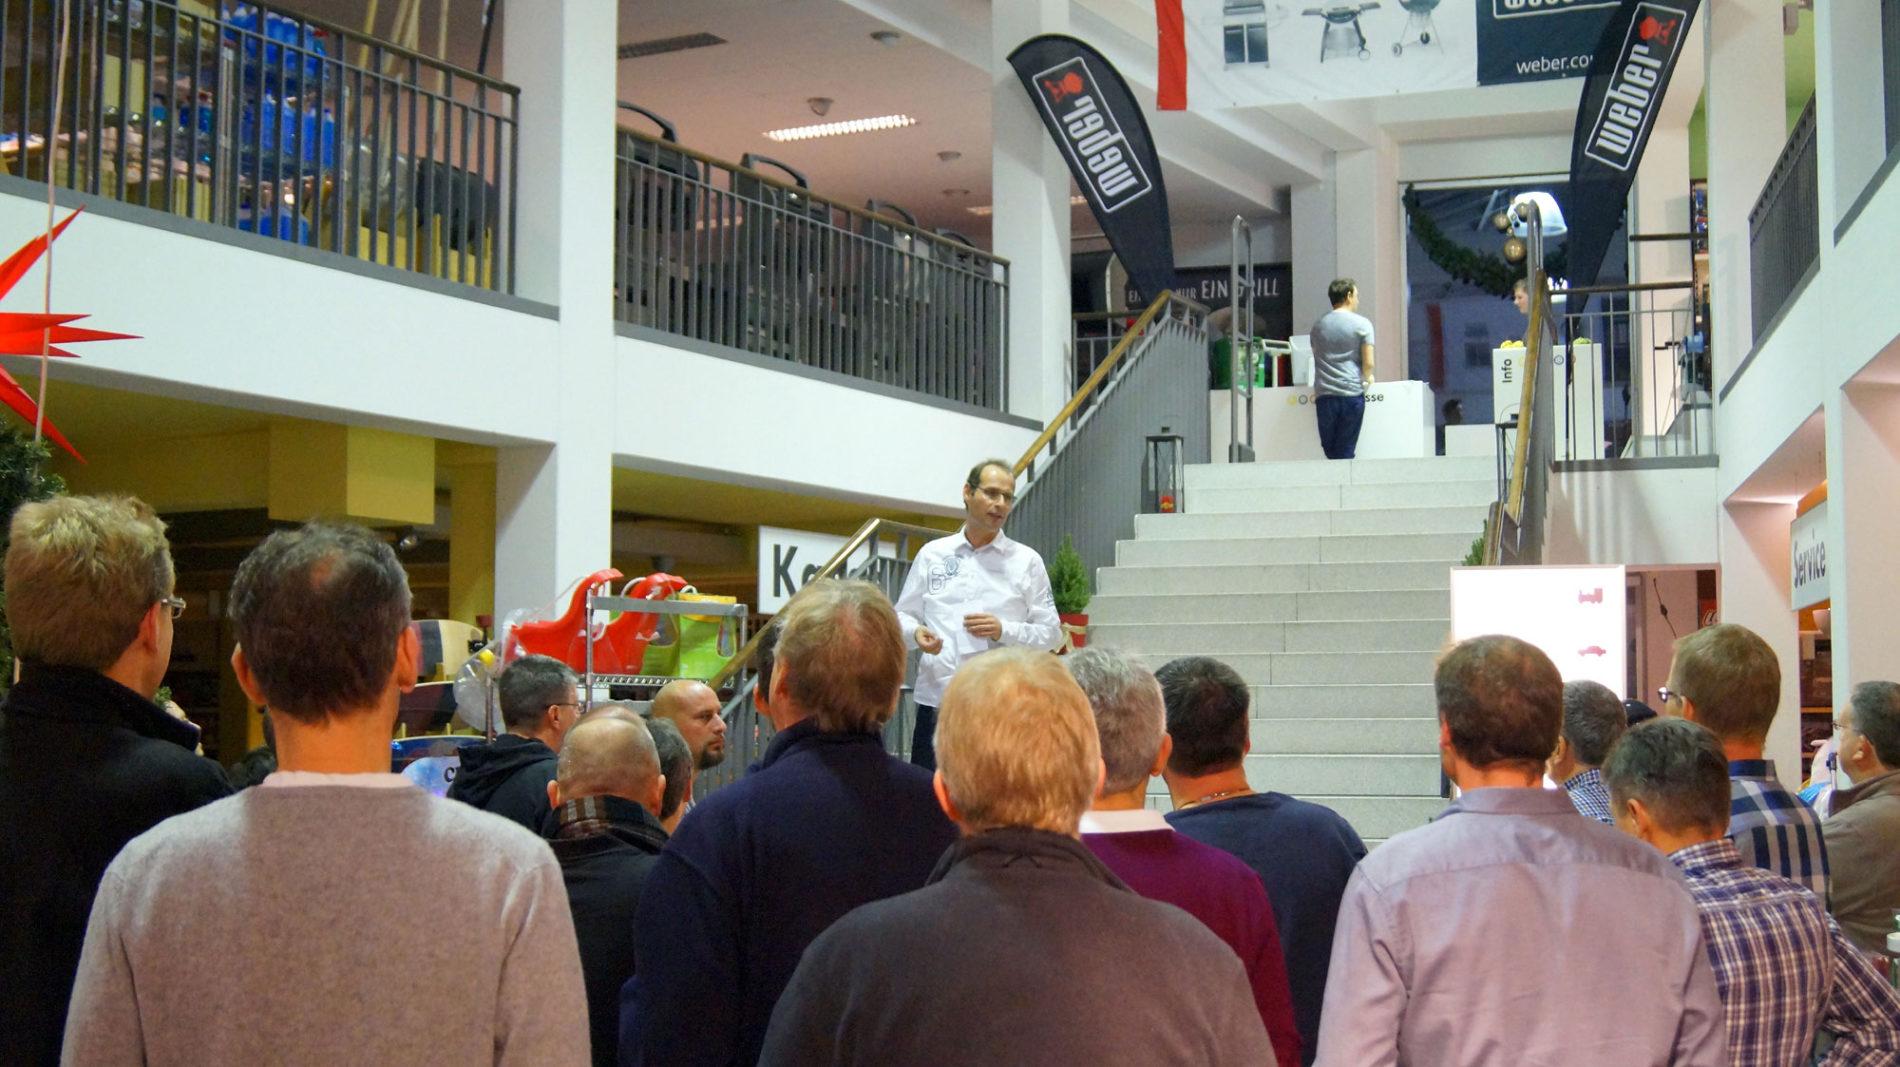 Udo von Ey begrüßt die Teilnehmer beim Männerabend im Spielzeugladen in Gifhorn